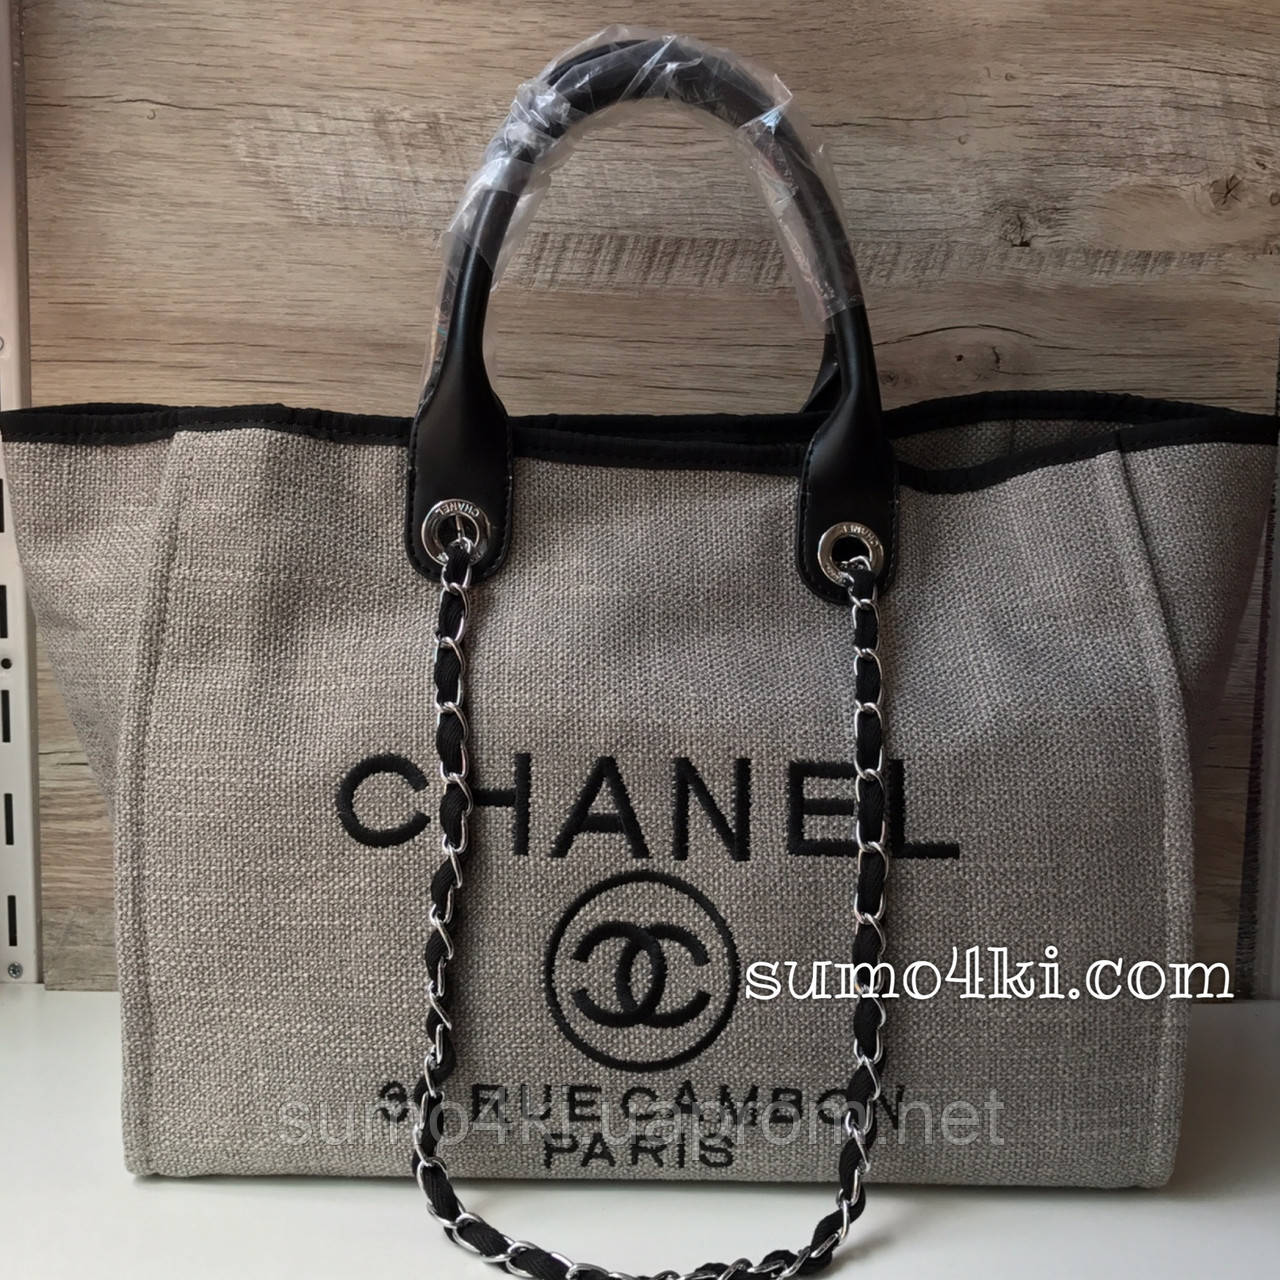 2336fe0c1603 Женская сумка Chanel Deauville Шанель холст пляжная - Интернет-магазин  «Галерея Сумок» в